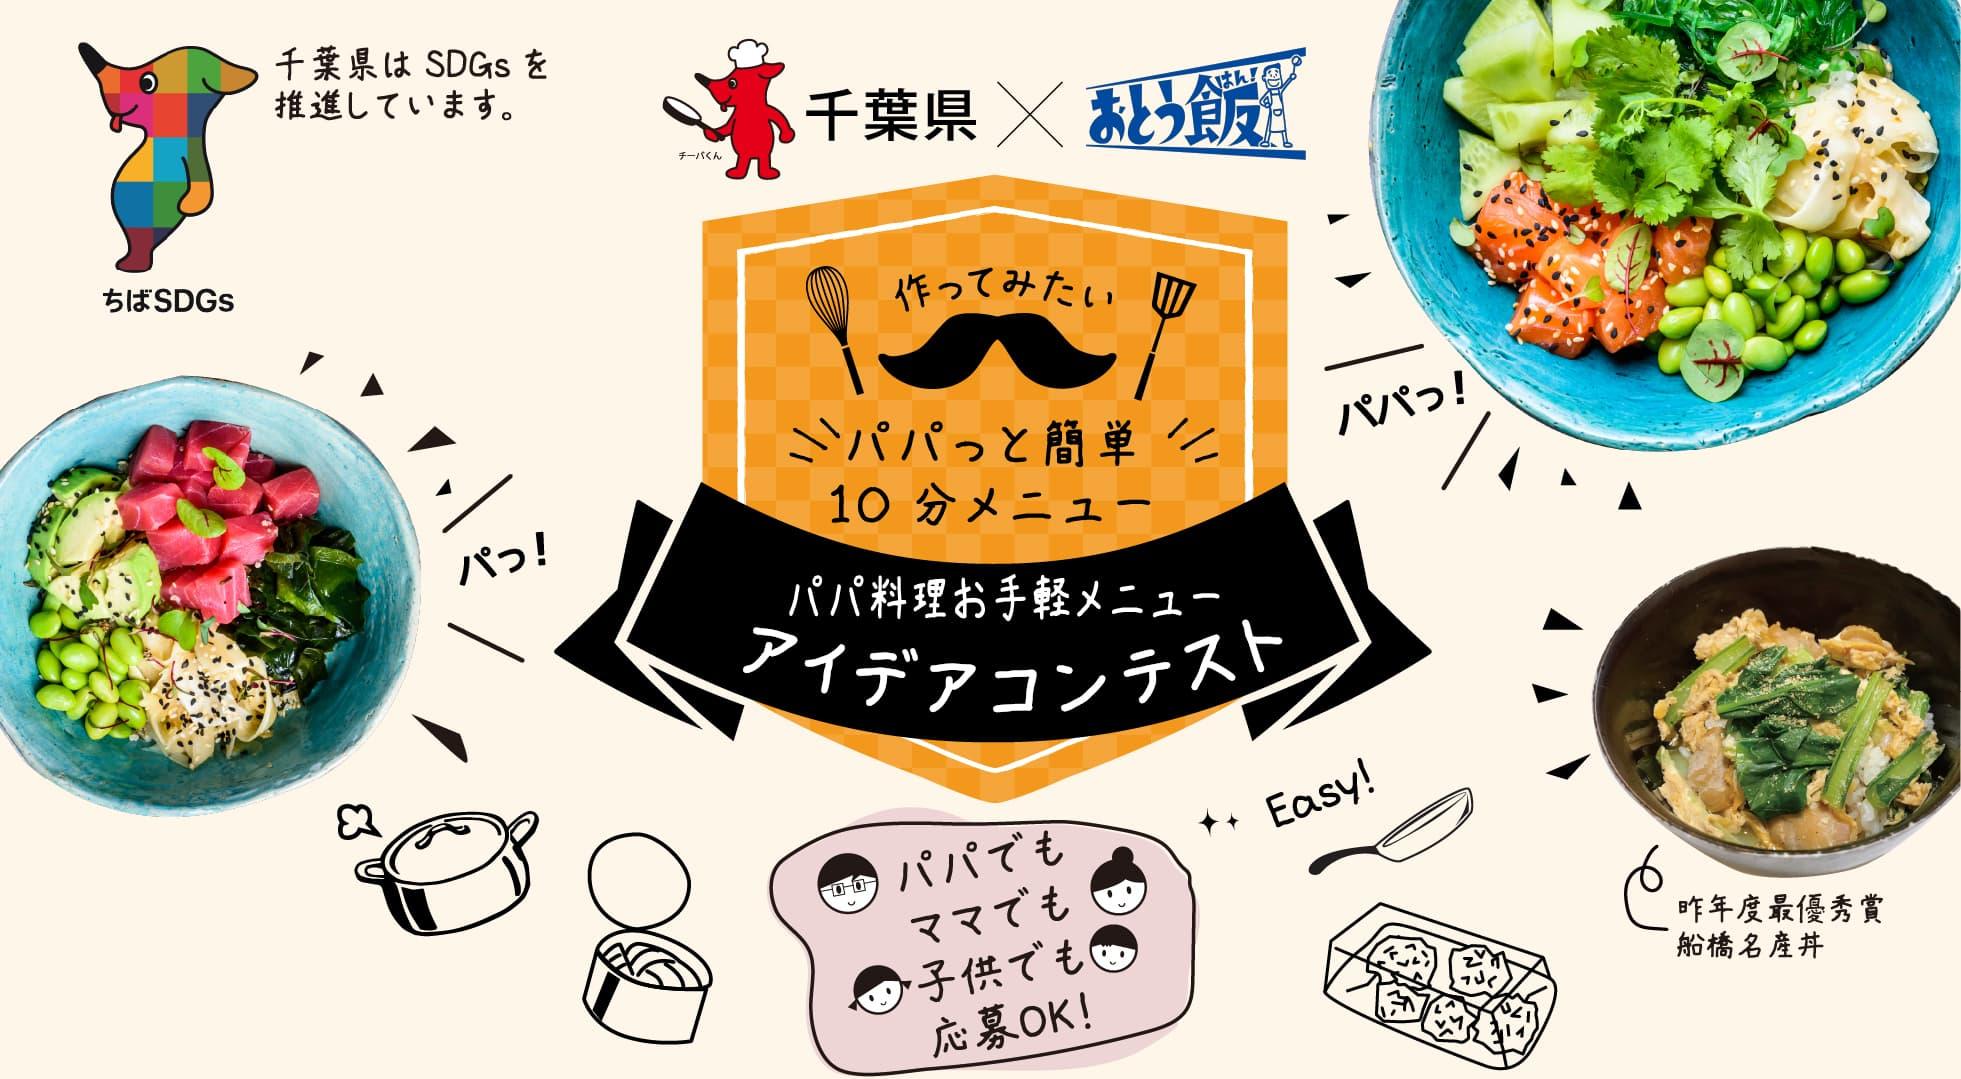 千葉県&おとう飯 作ってみたい 1食まるまるパパにまかせろ パパの1食メニューアイデアコンテスト